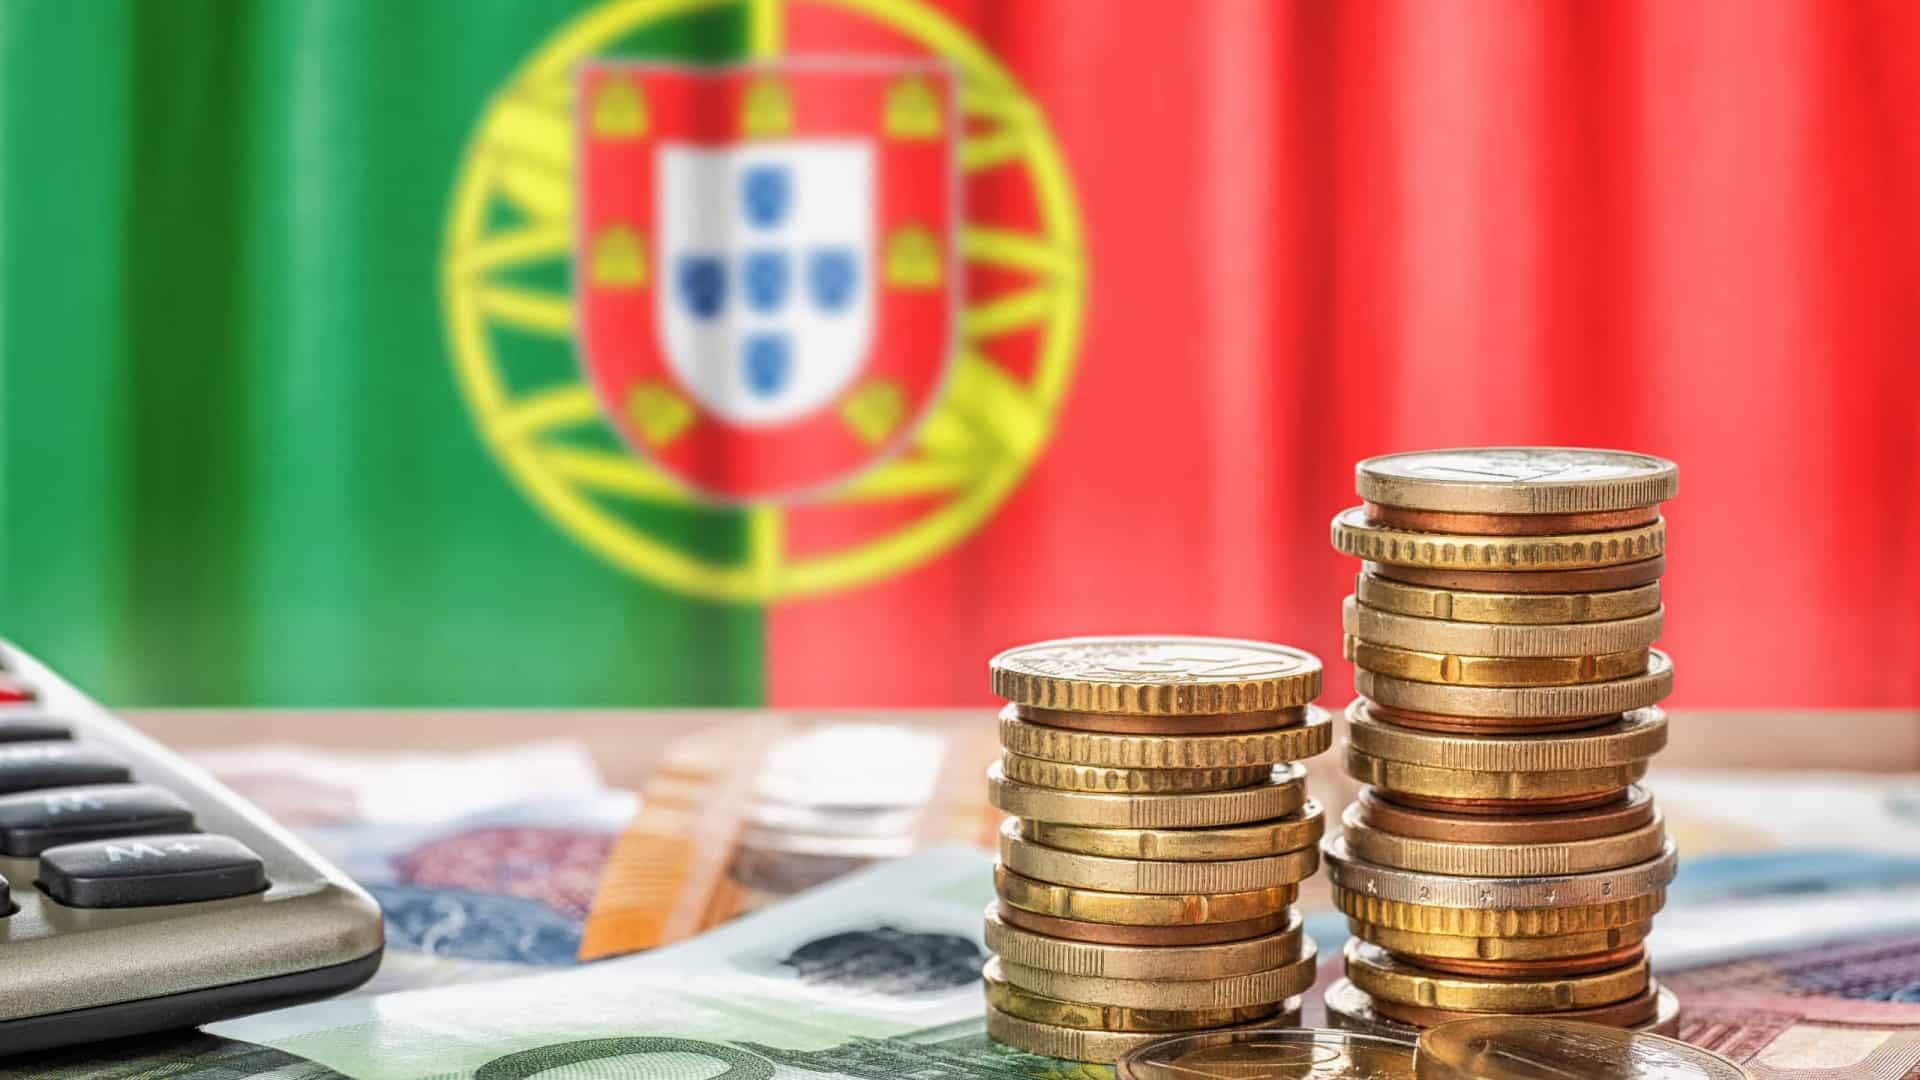 Economia Portuguesa Cresceu Acima Da Média Europeia: 2,2% Em 2019